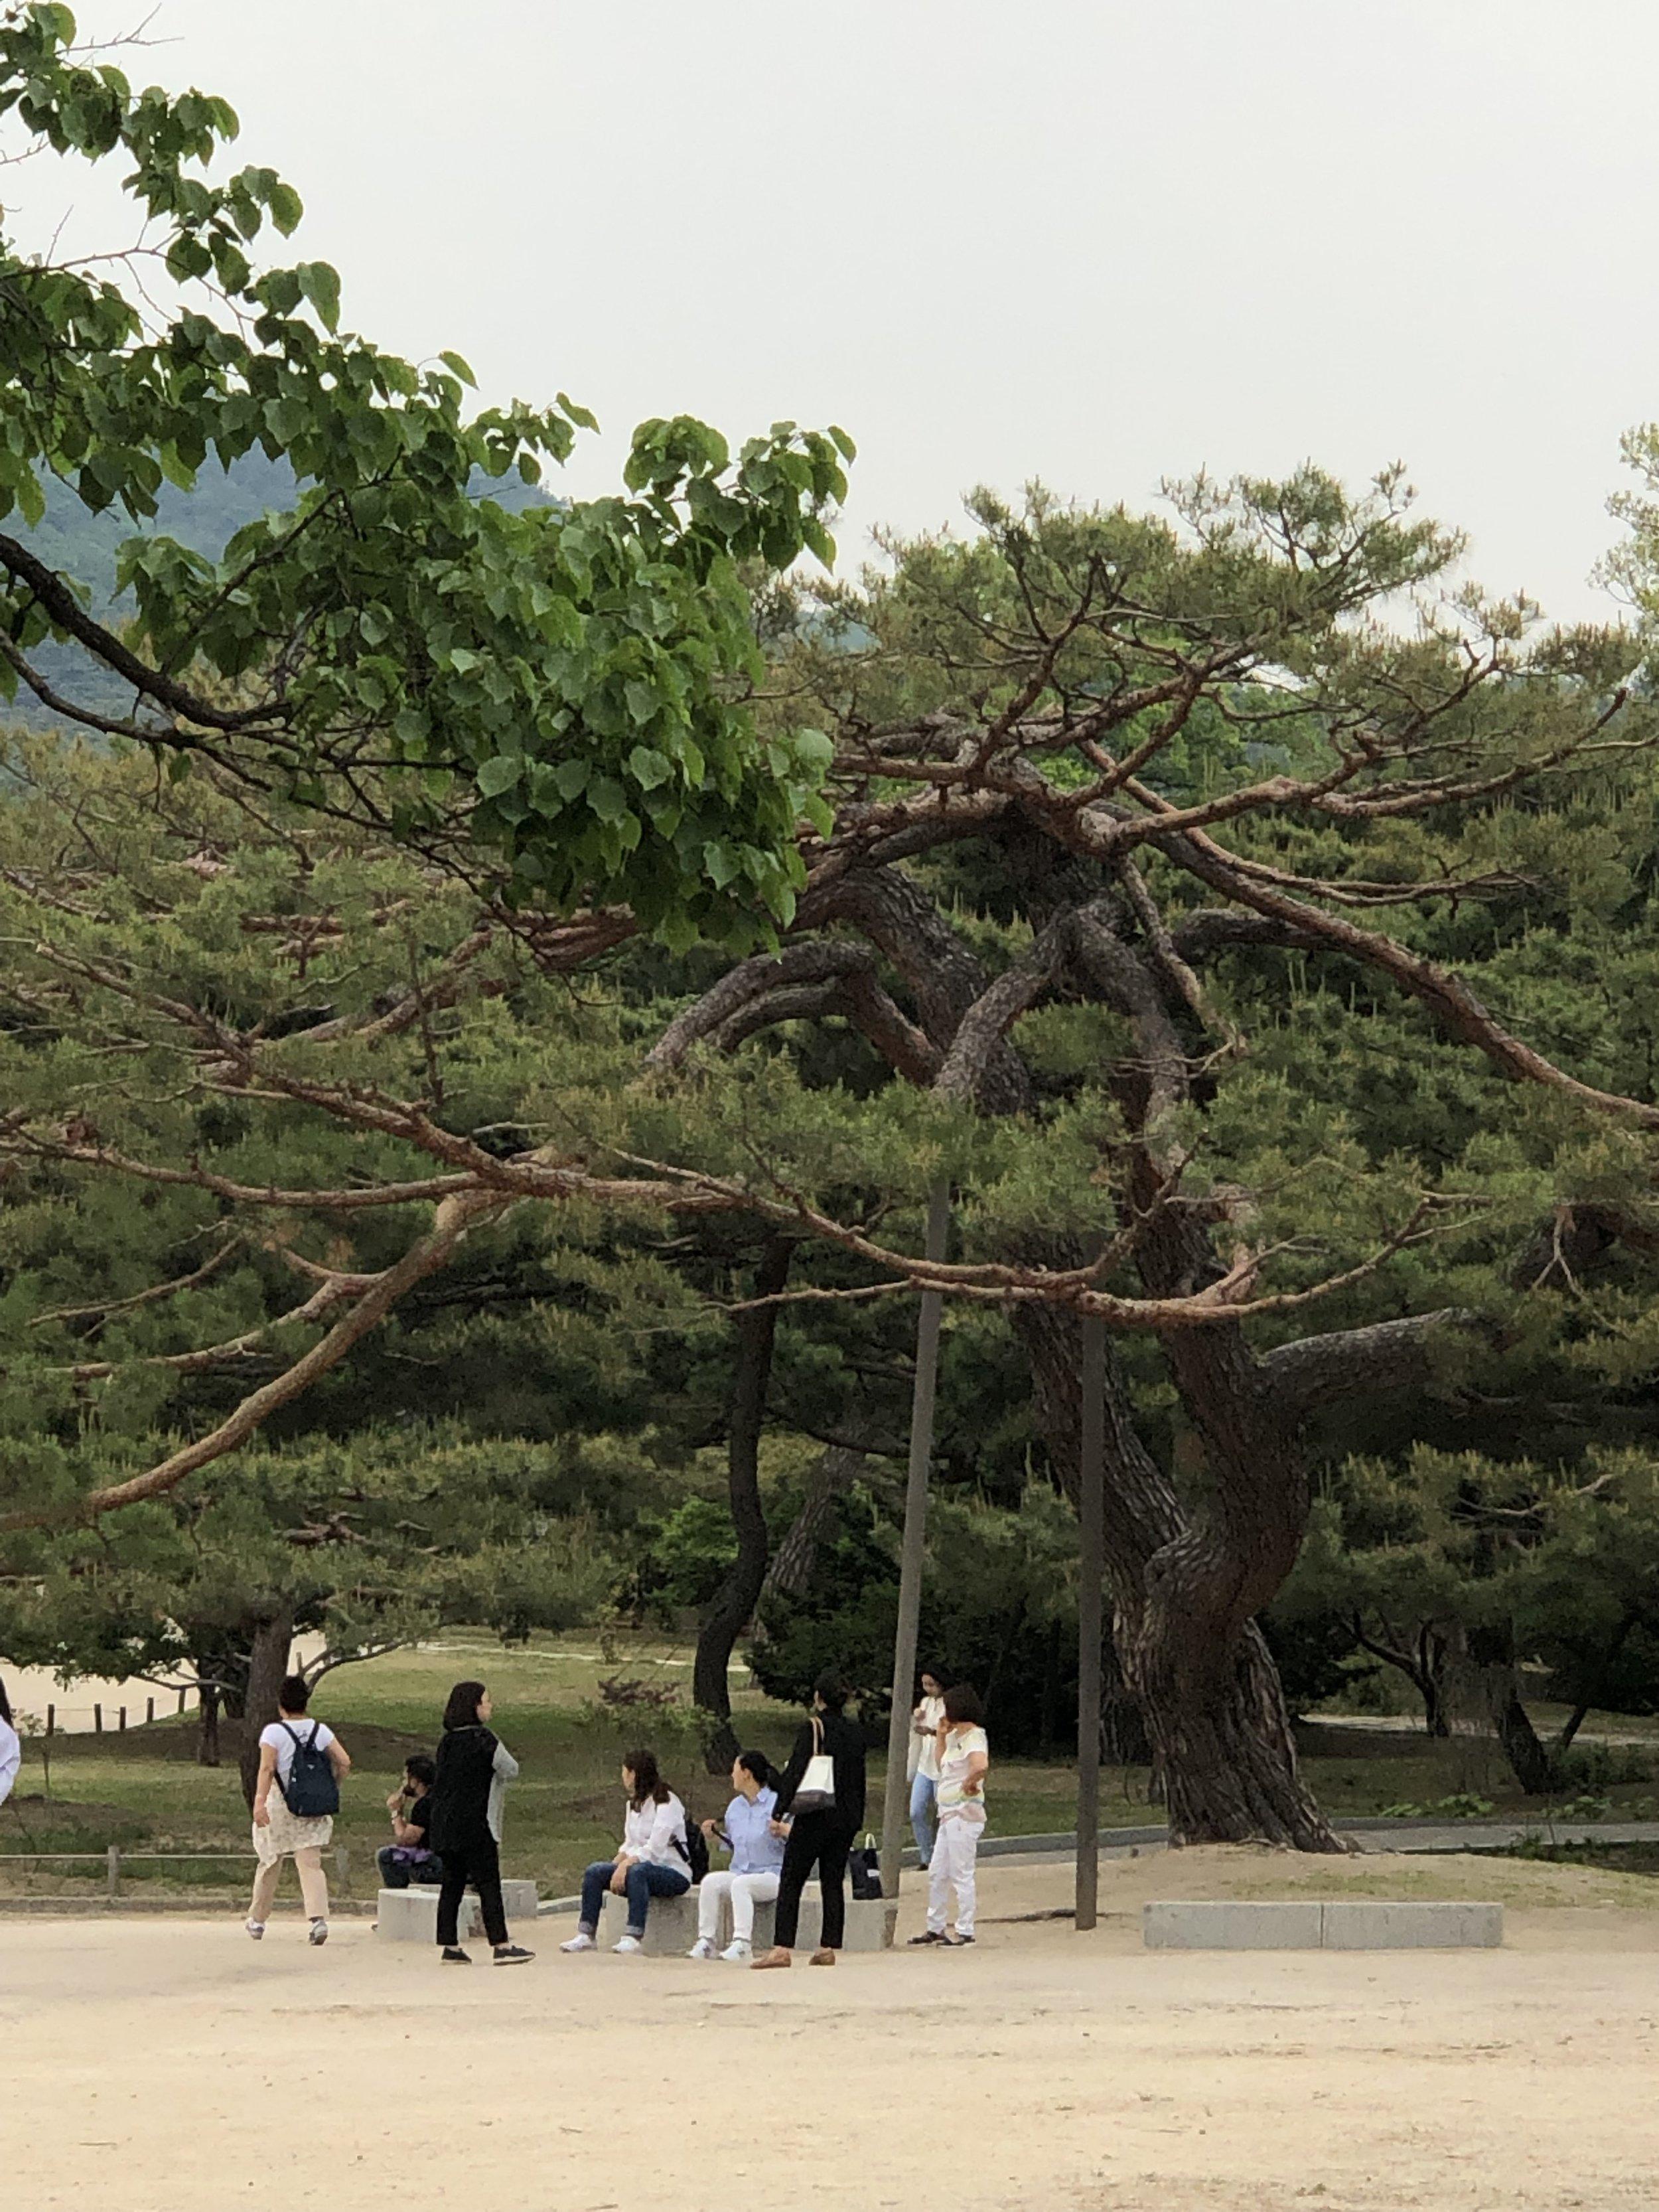 Red Oak - Gyeongbokgung Palace (Seoul)